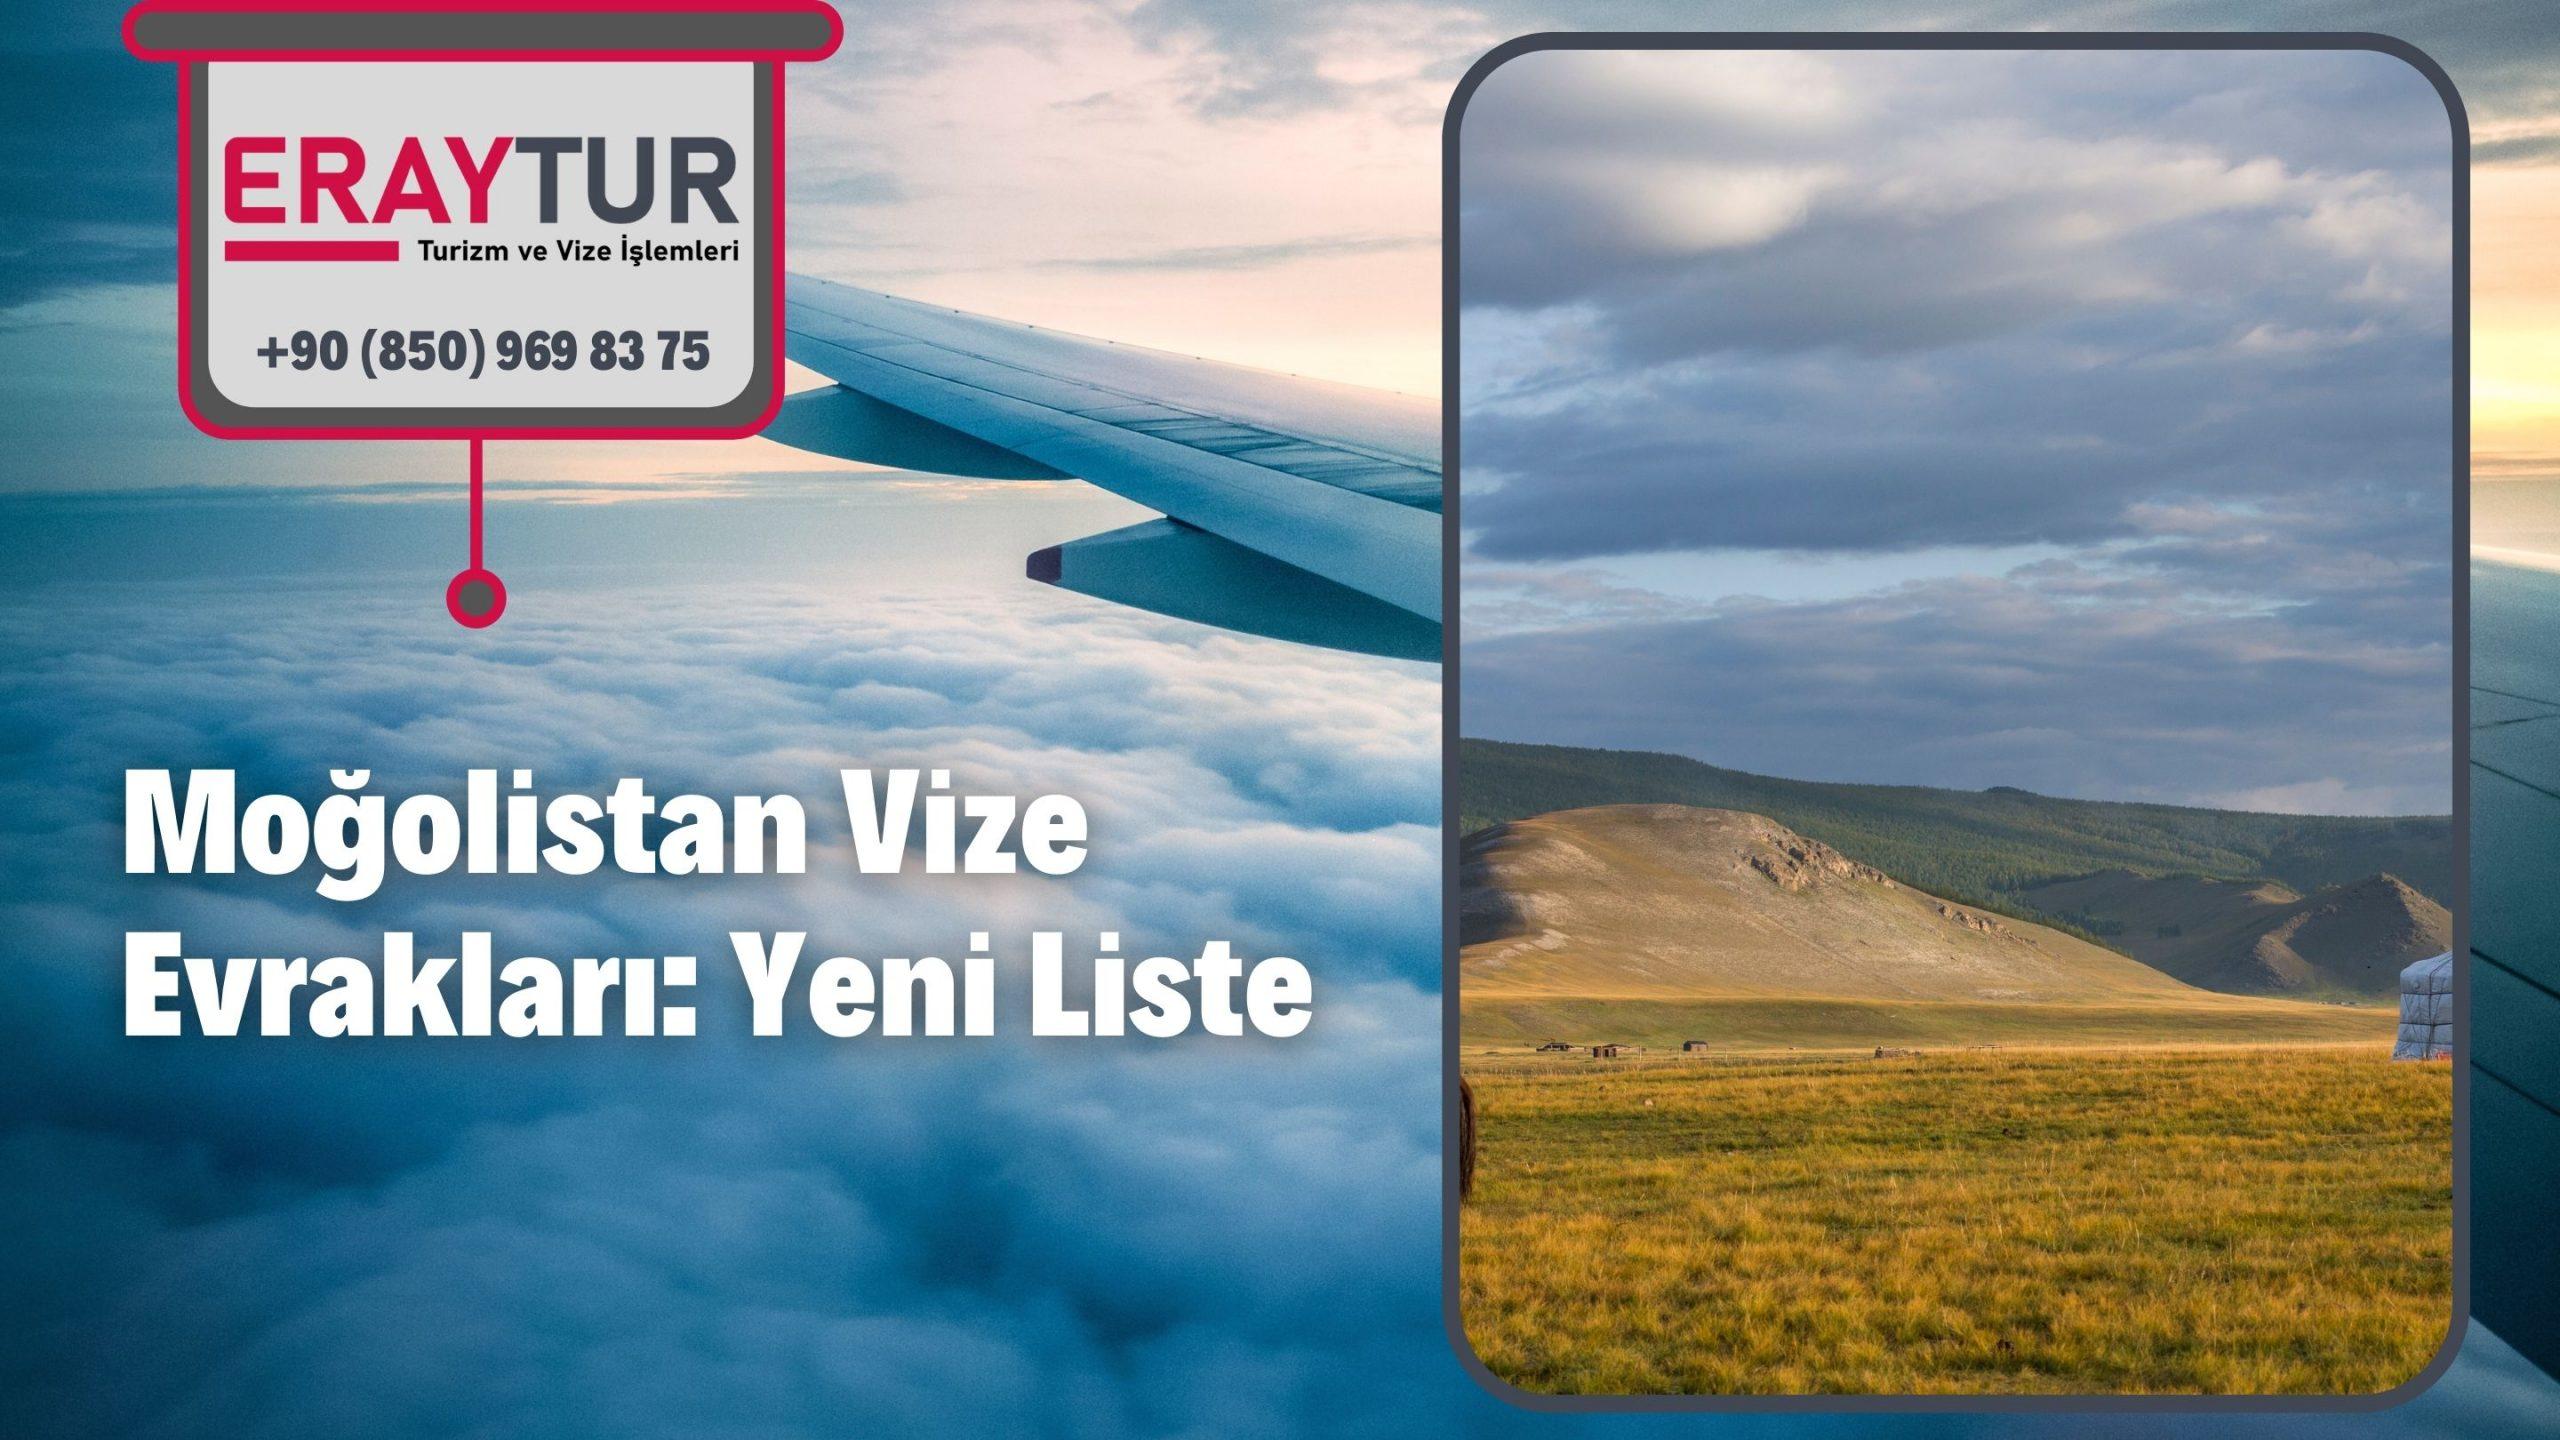 Moğolistan Vize Evrakları: Yeni Liste [2021]